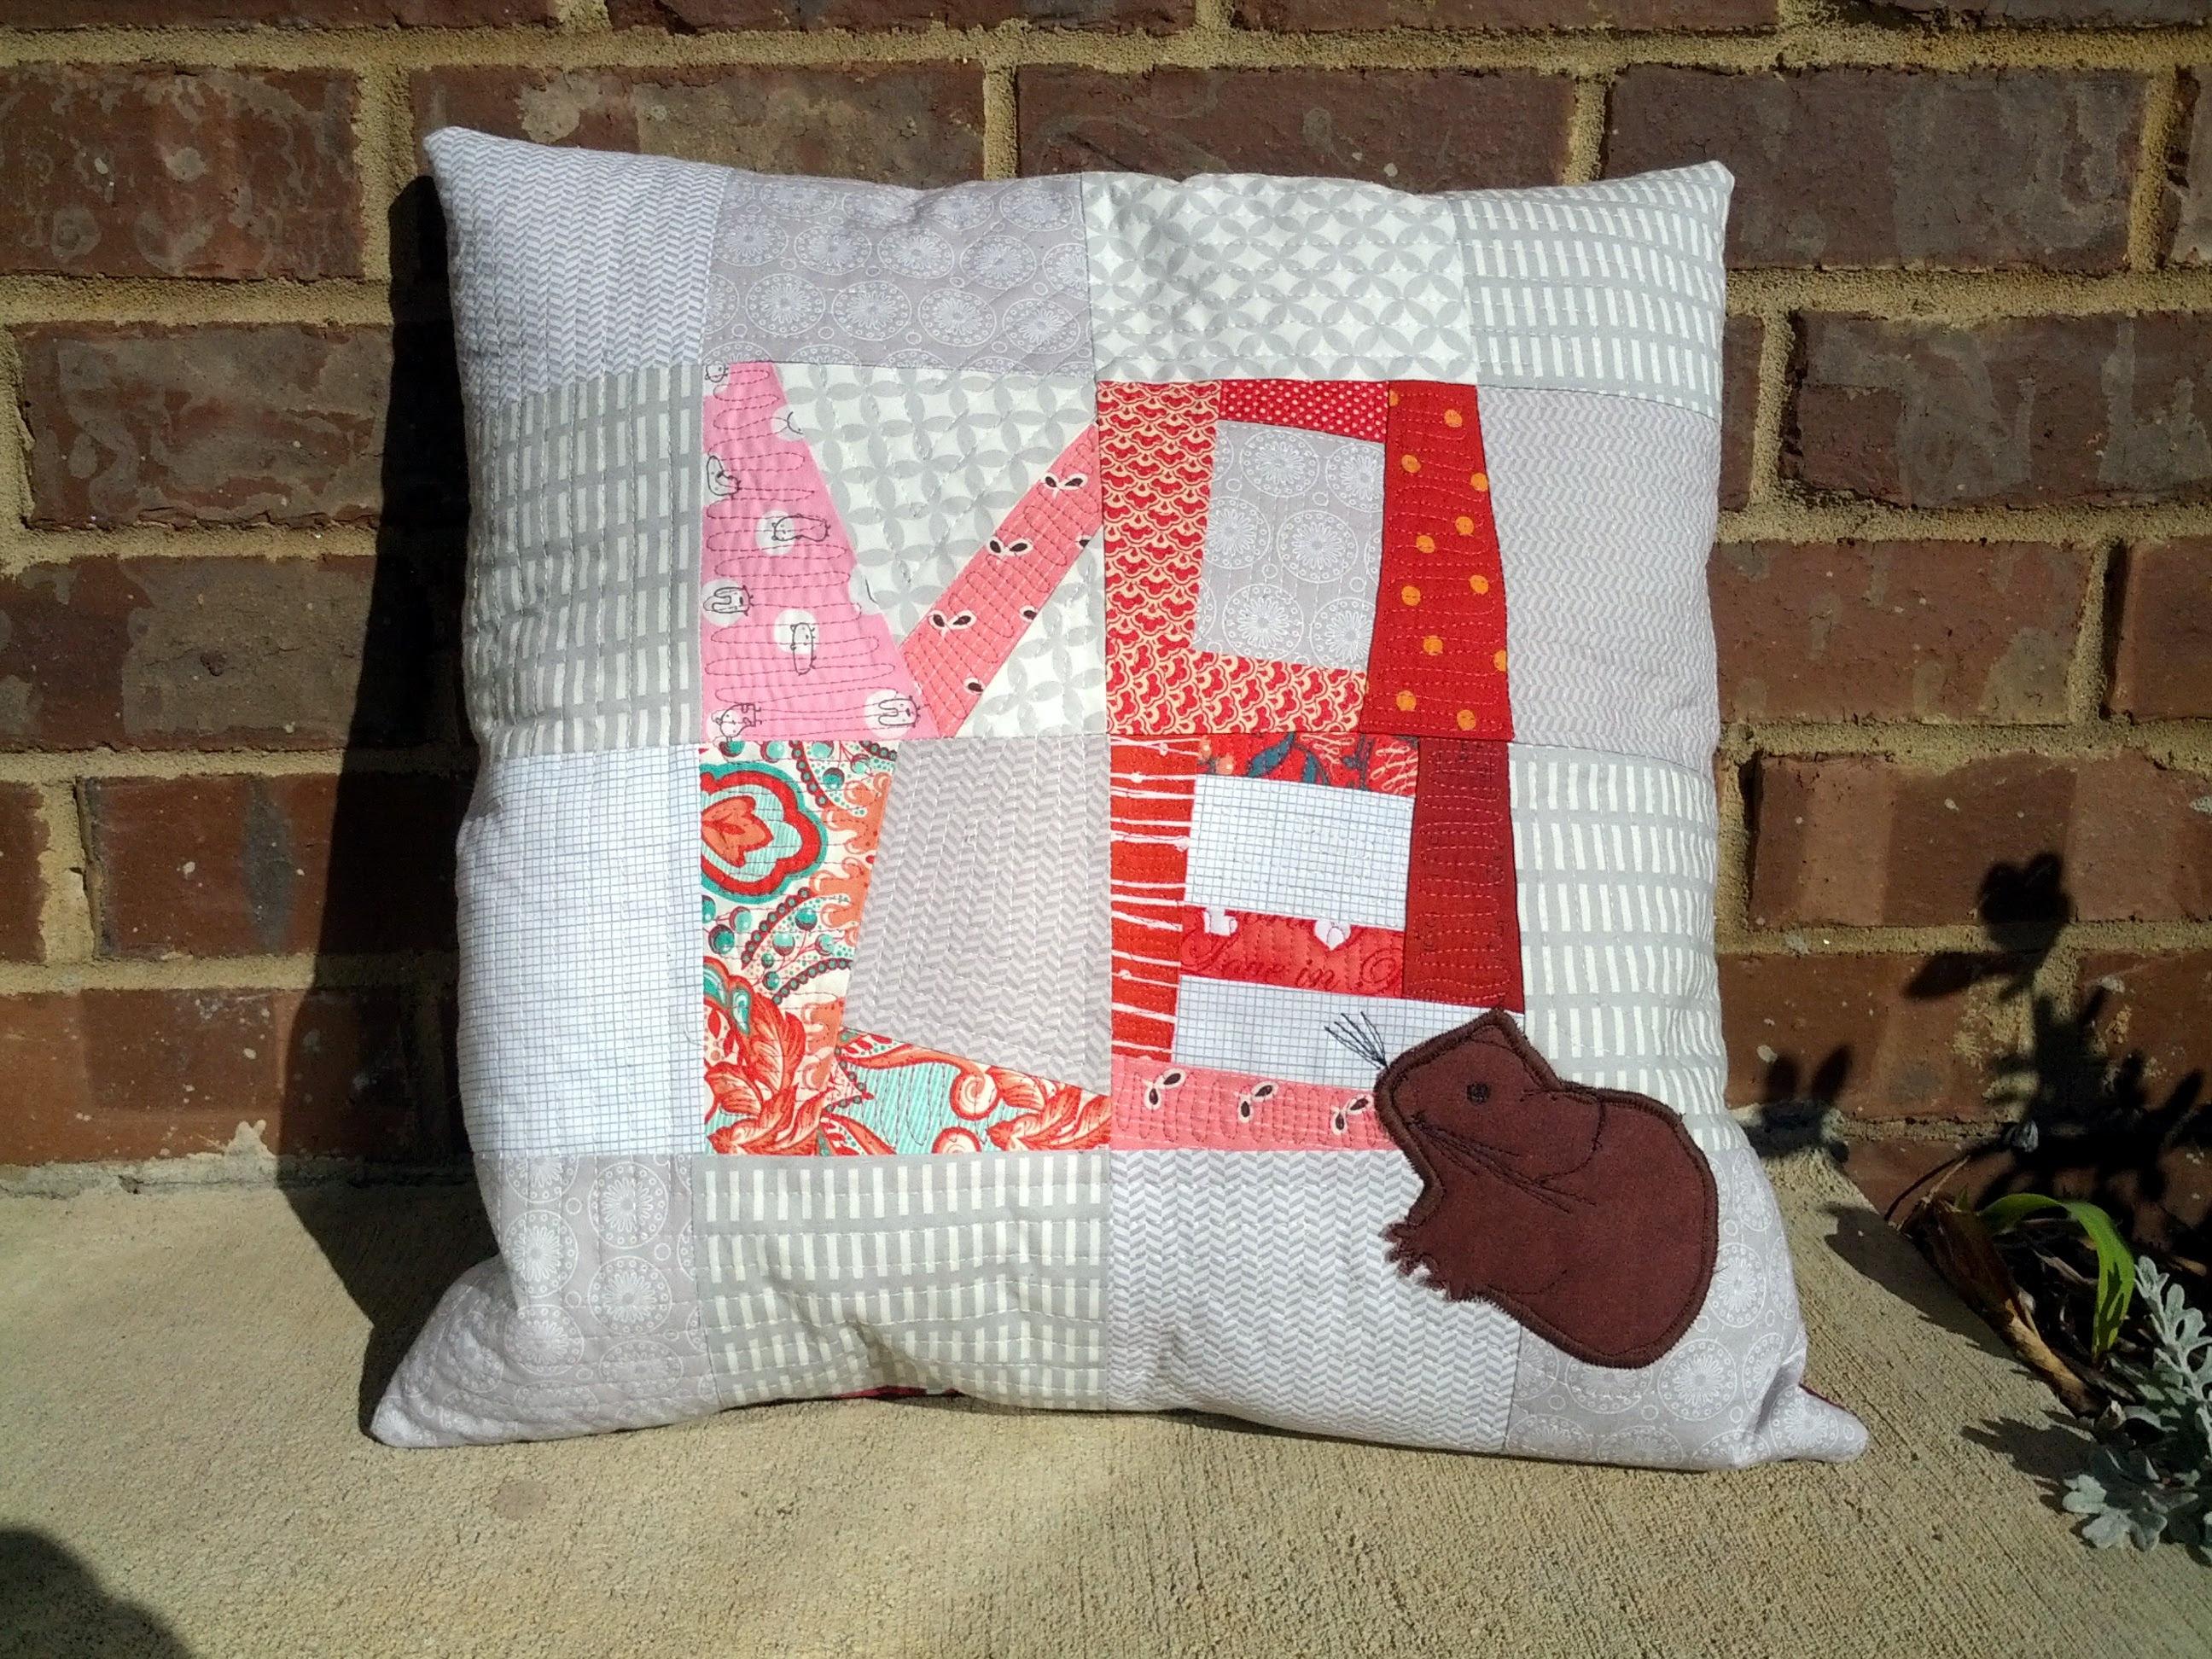 Volentine's day pillow